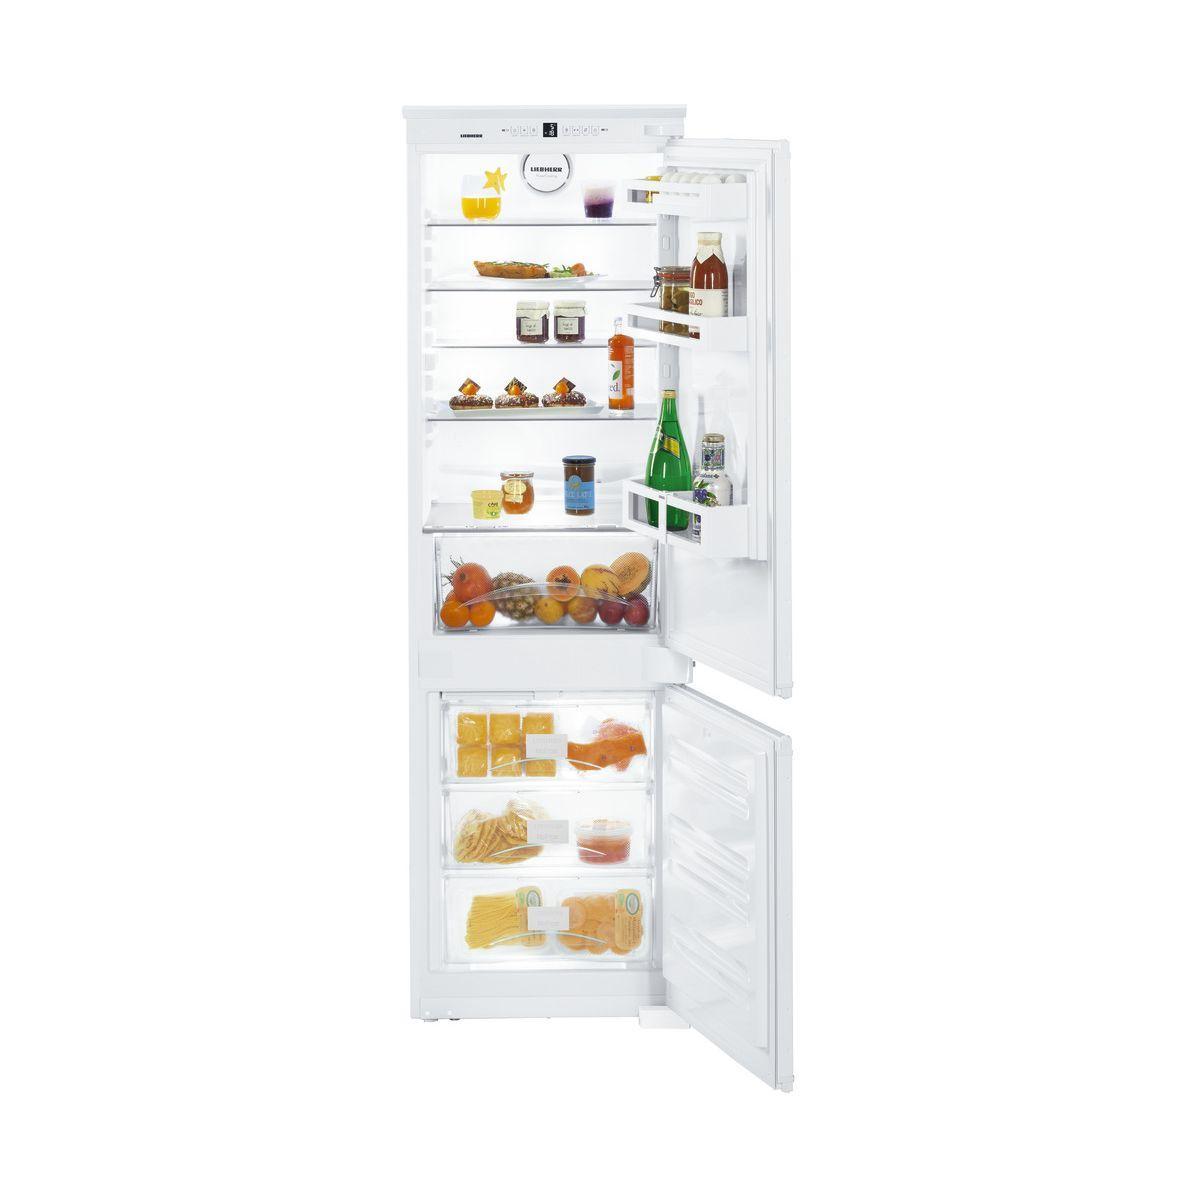 Réfrigérateur combiné encastrable LIEBHERR ICNS3324-21